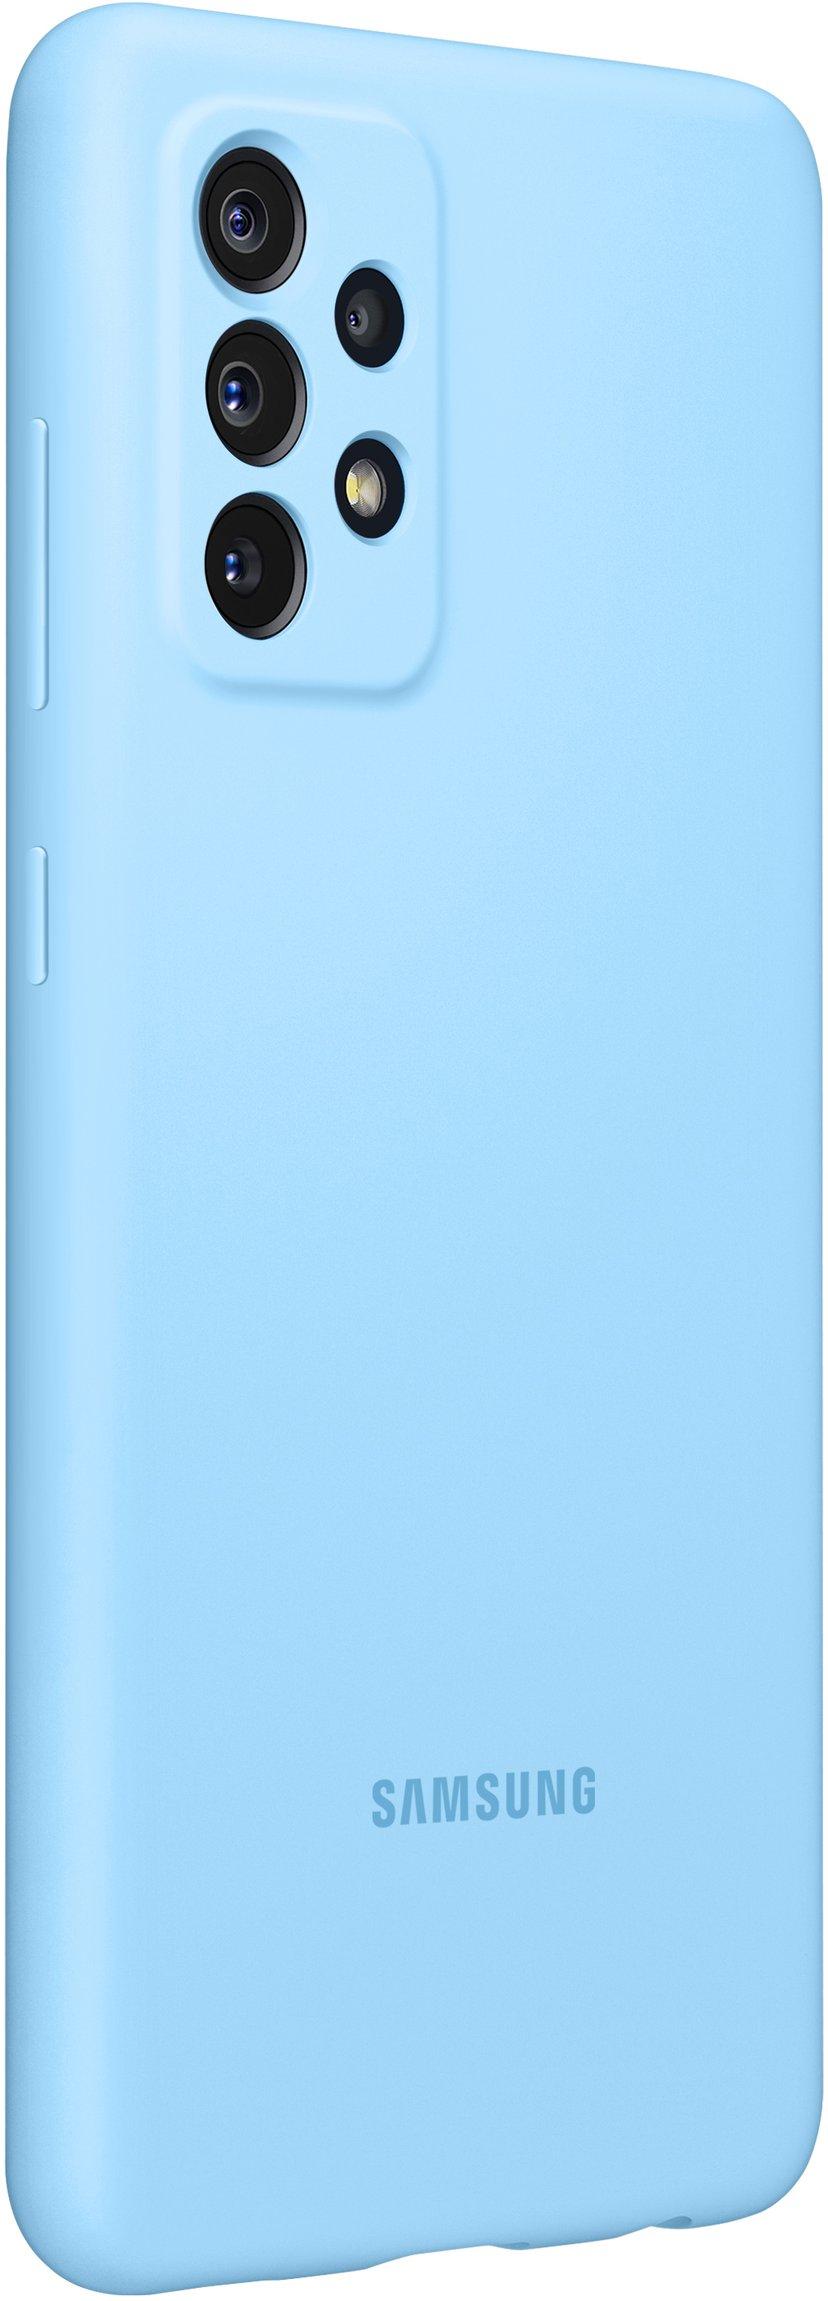 Samsung Silicone Cover Blå Samsung Galaxy A72